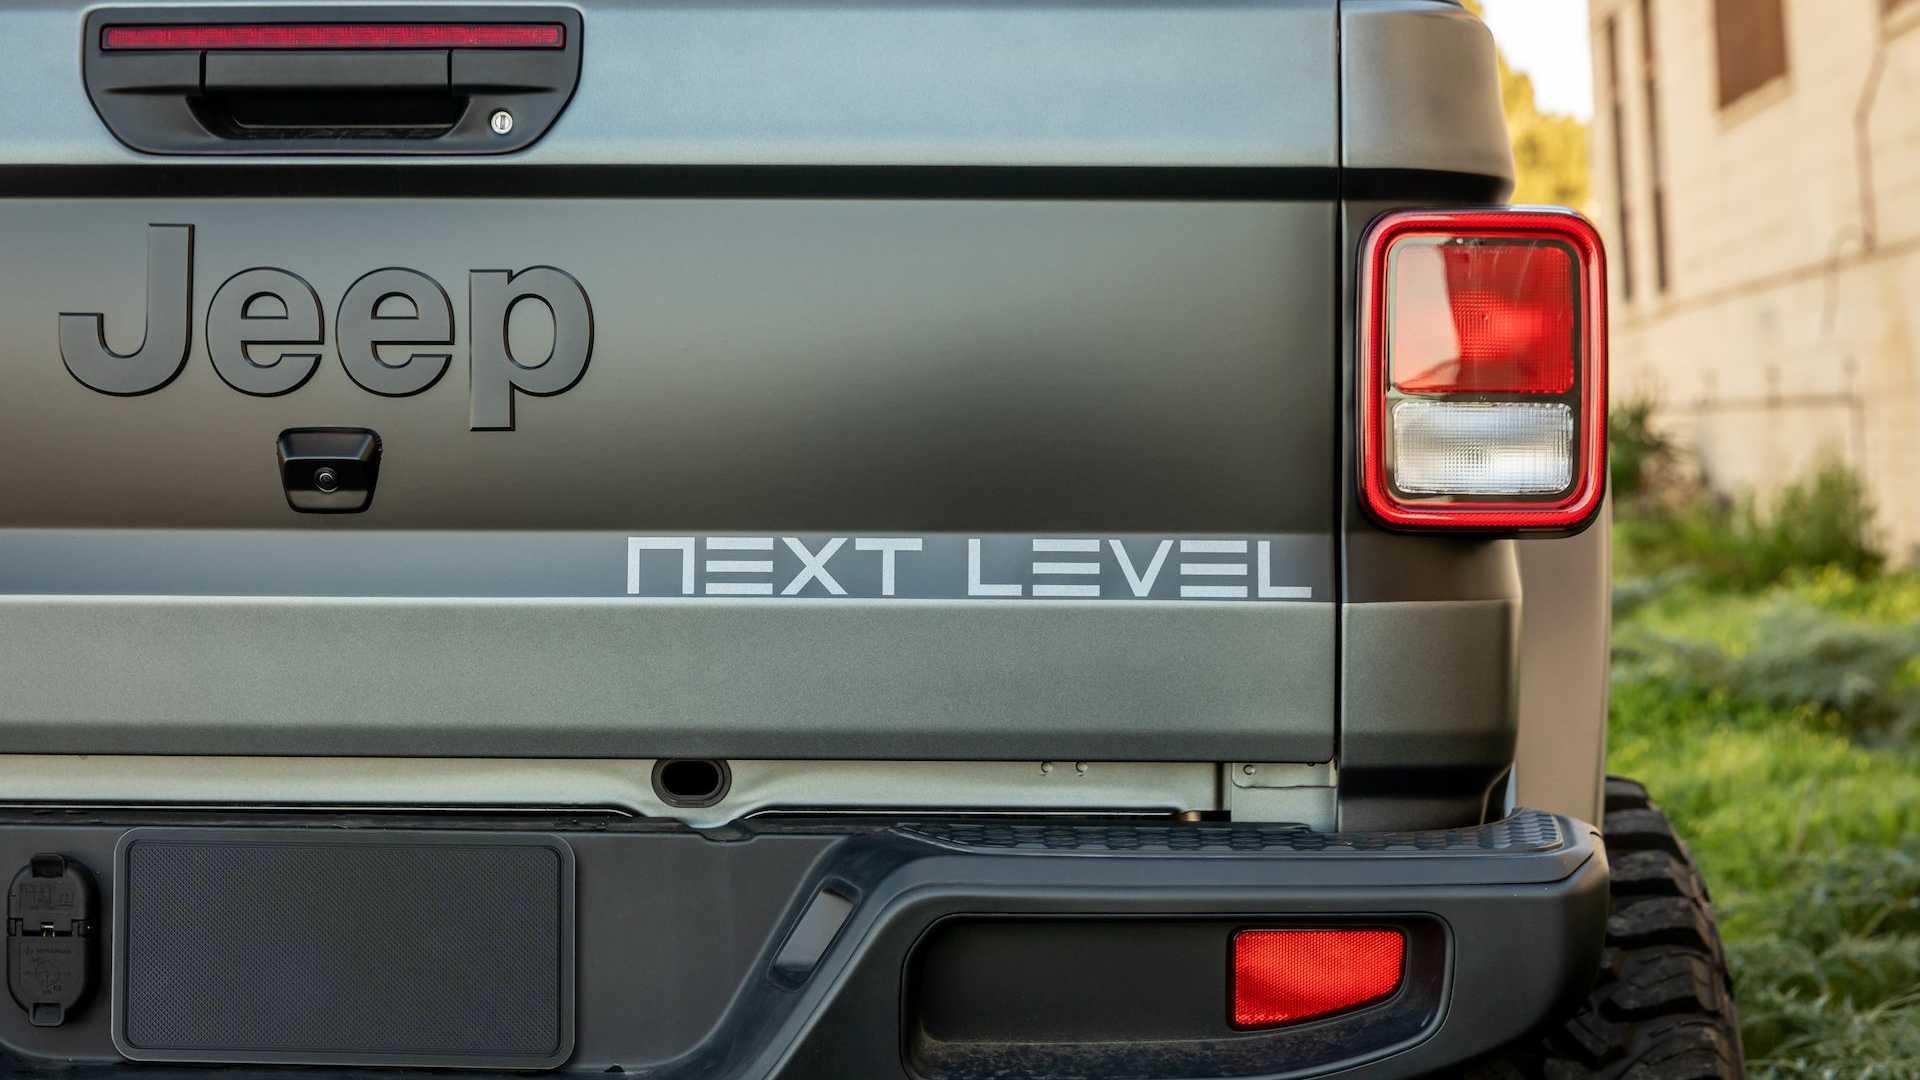 Jeep-Gladiator-6x6-by-Next-Level-27